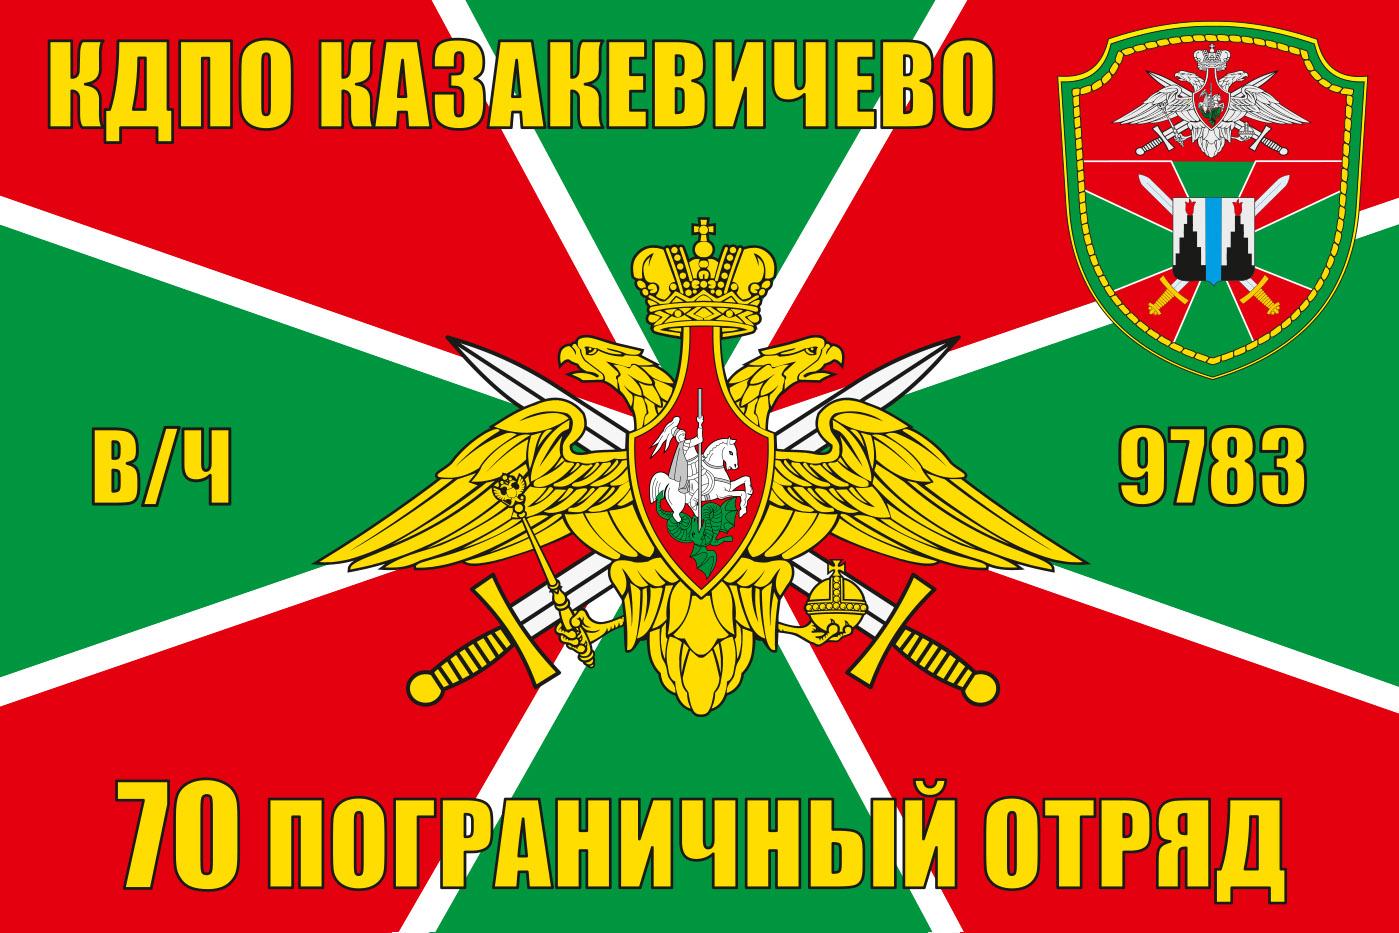 Флаг КДПО Казакевичево в/ч 9783